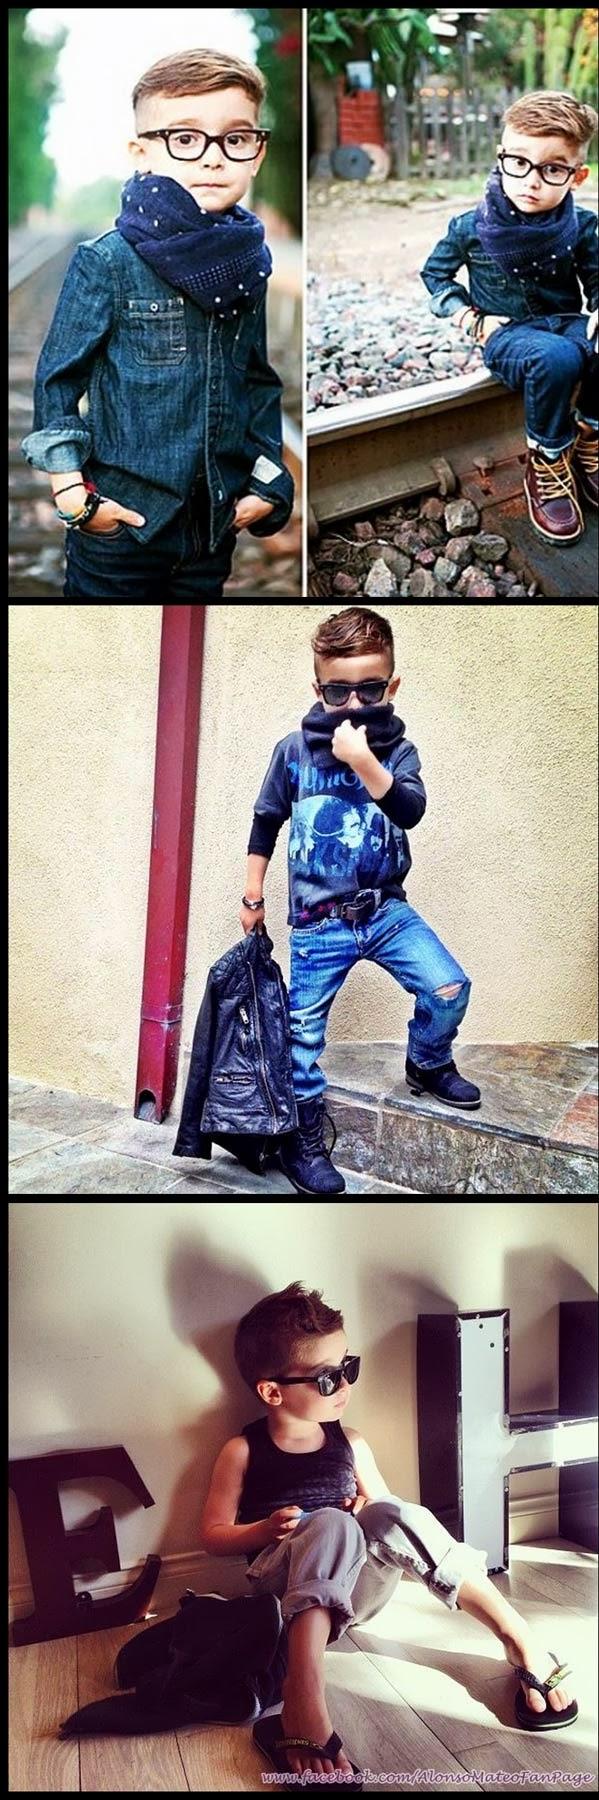 Blog Serius: Serius Cute - Alonso Mateo : Si Cilik Yang Lebih Stylo Dari Anda (15 Gambar)